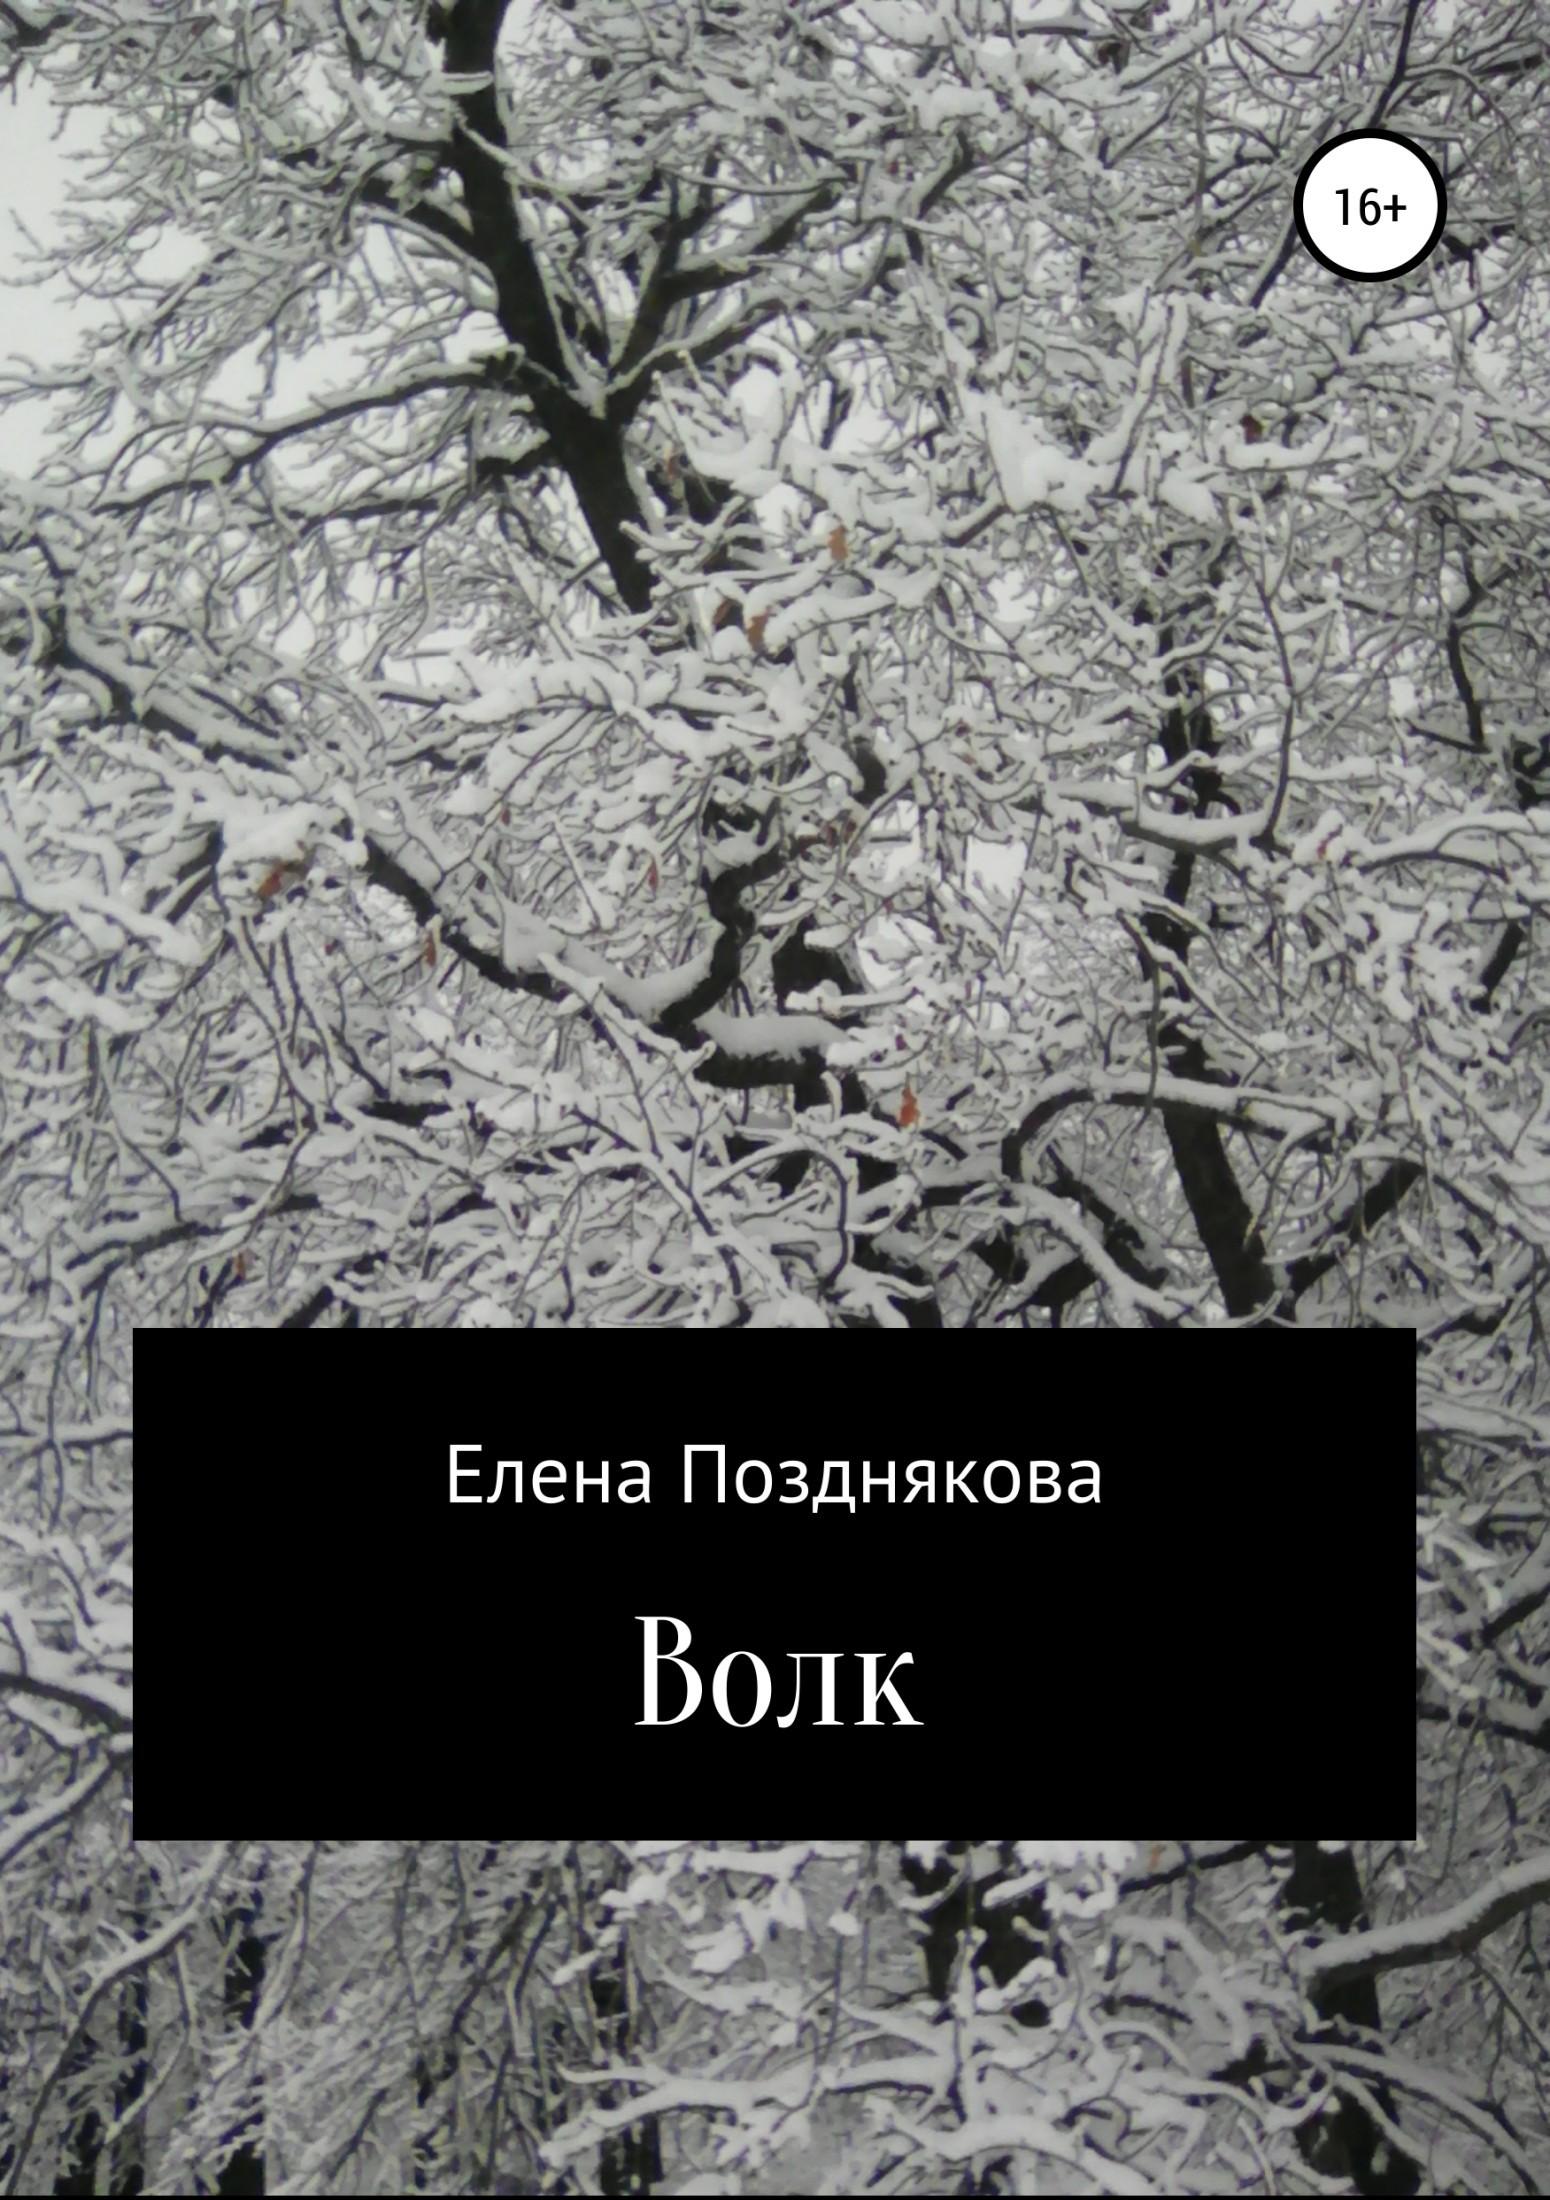 Елена Позднякова - Волк